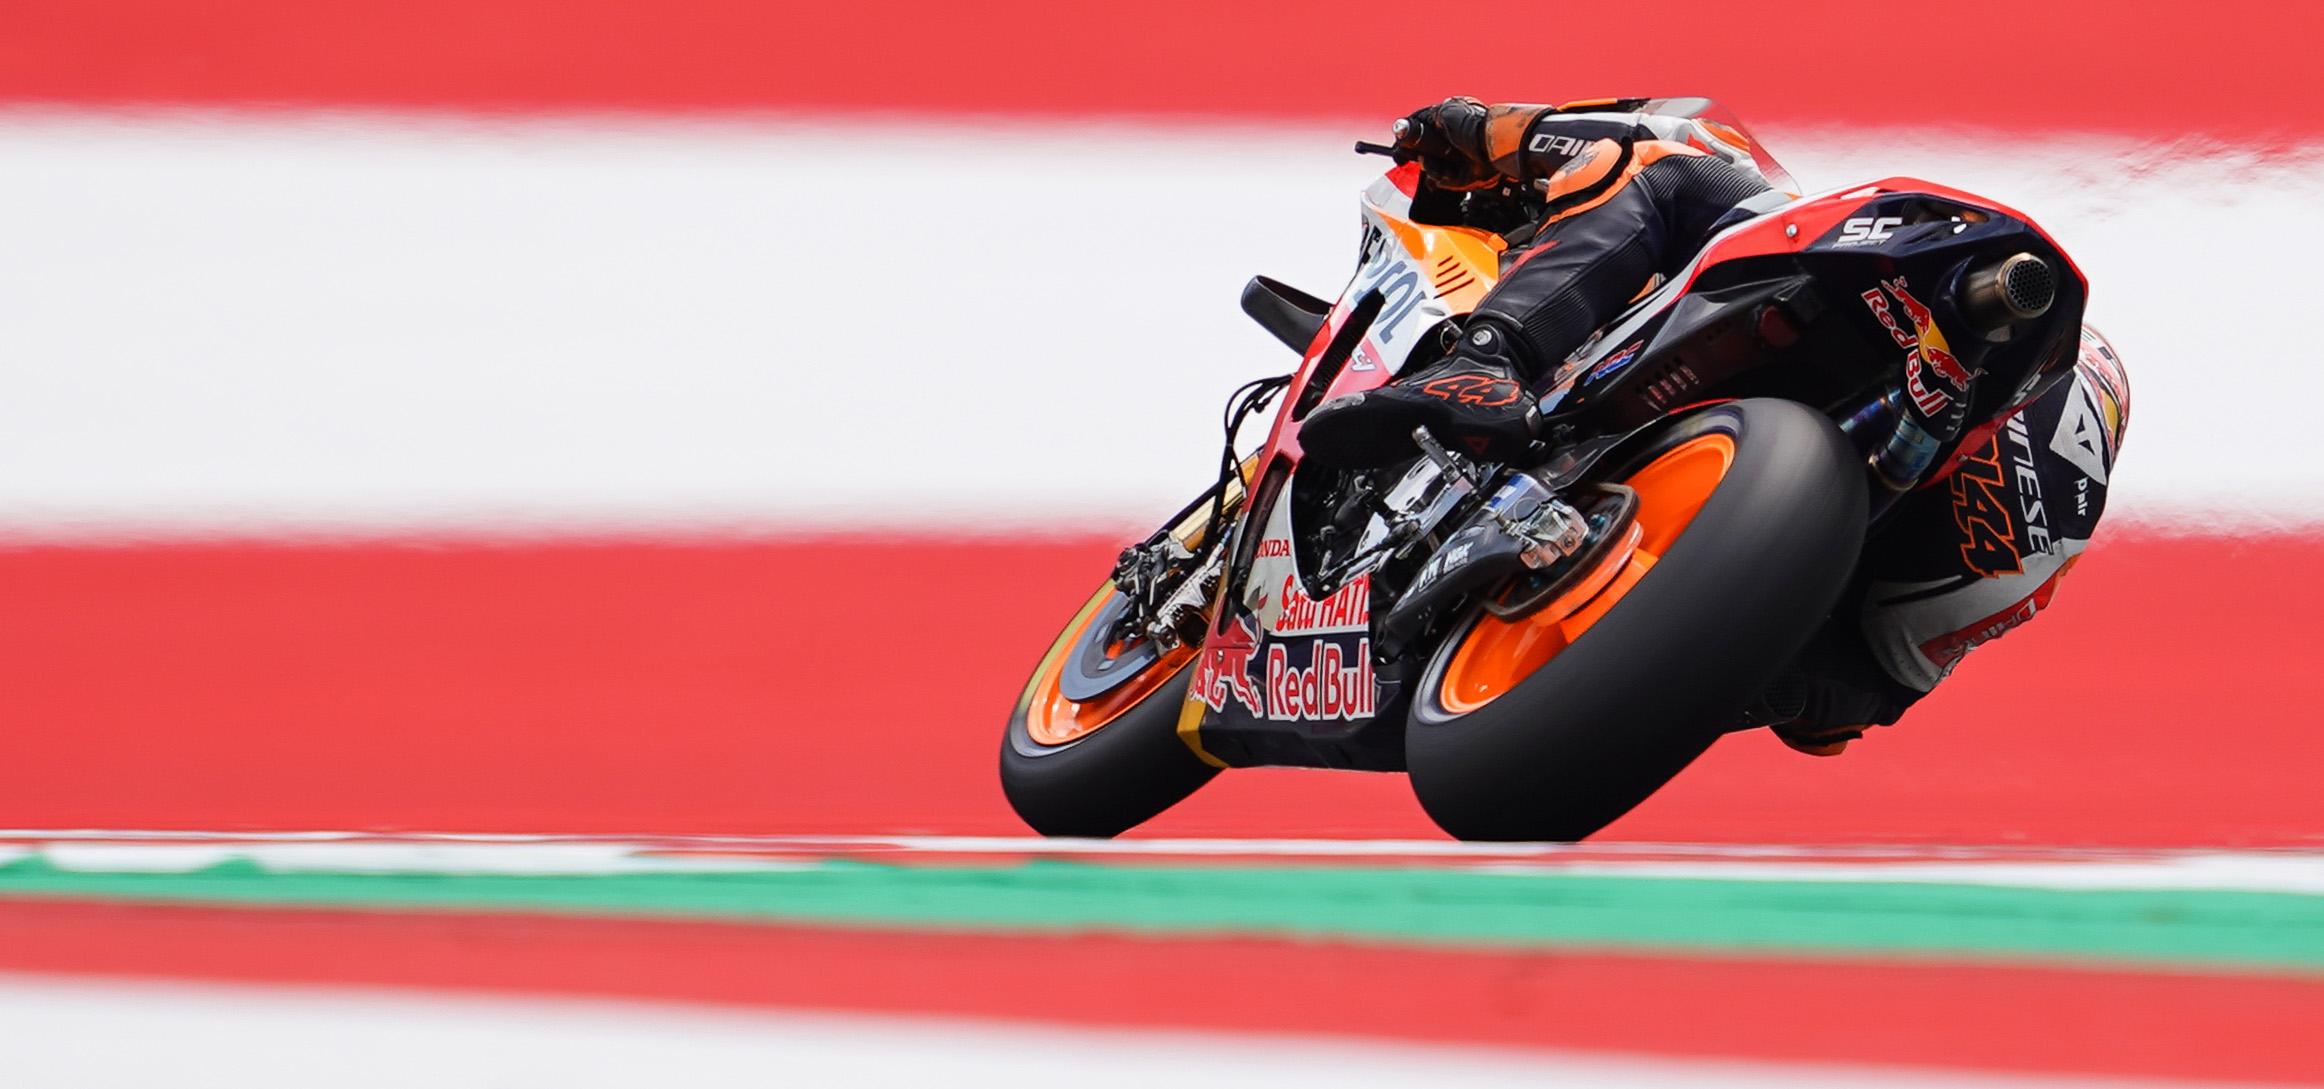 Repsol Honda Team ready for second consecutive Grand Prix in Austria